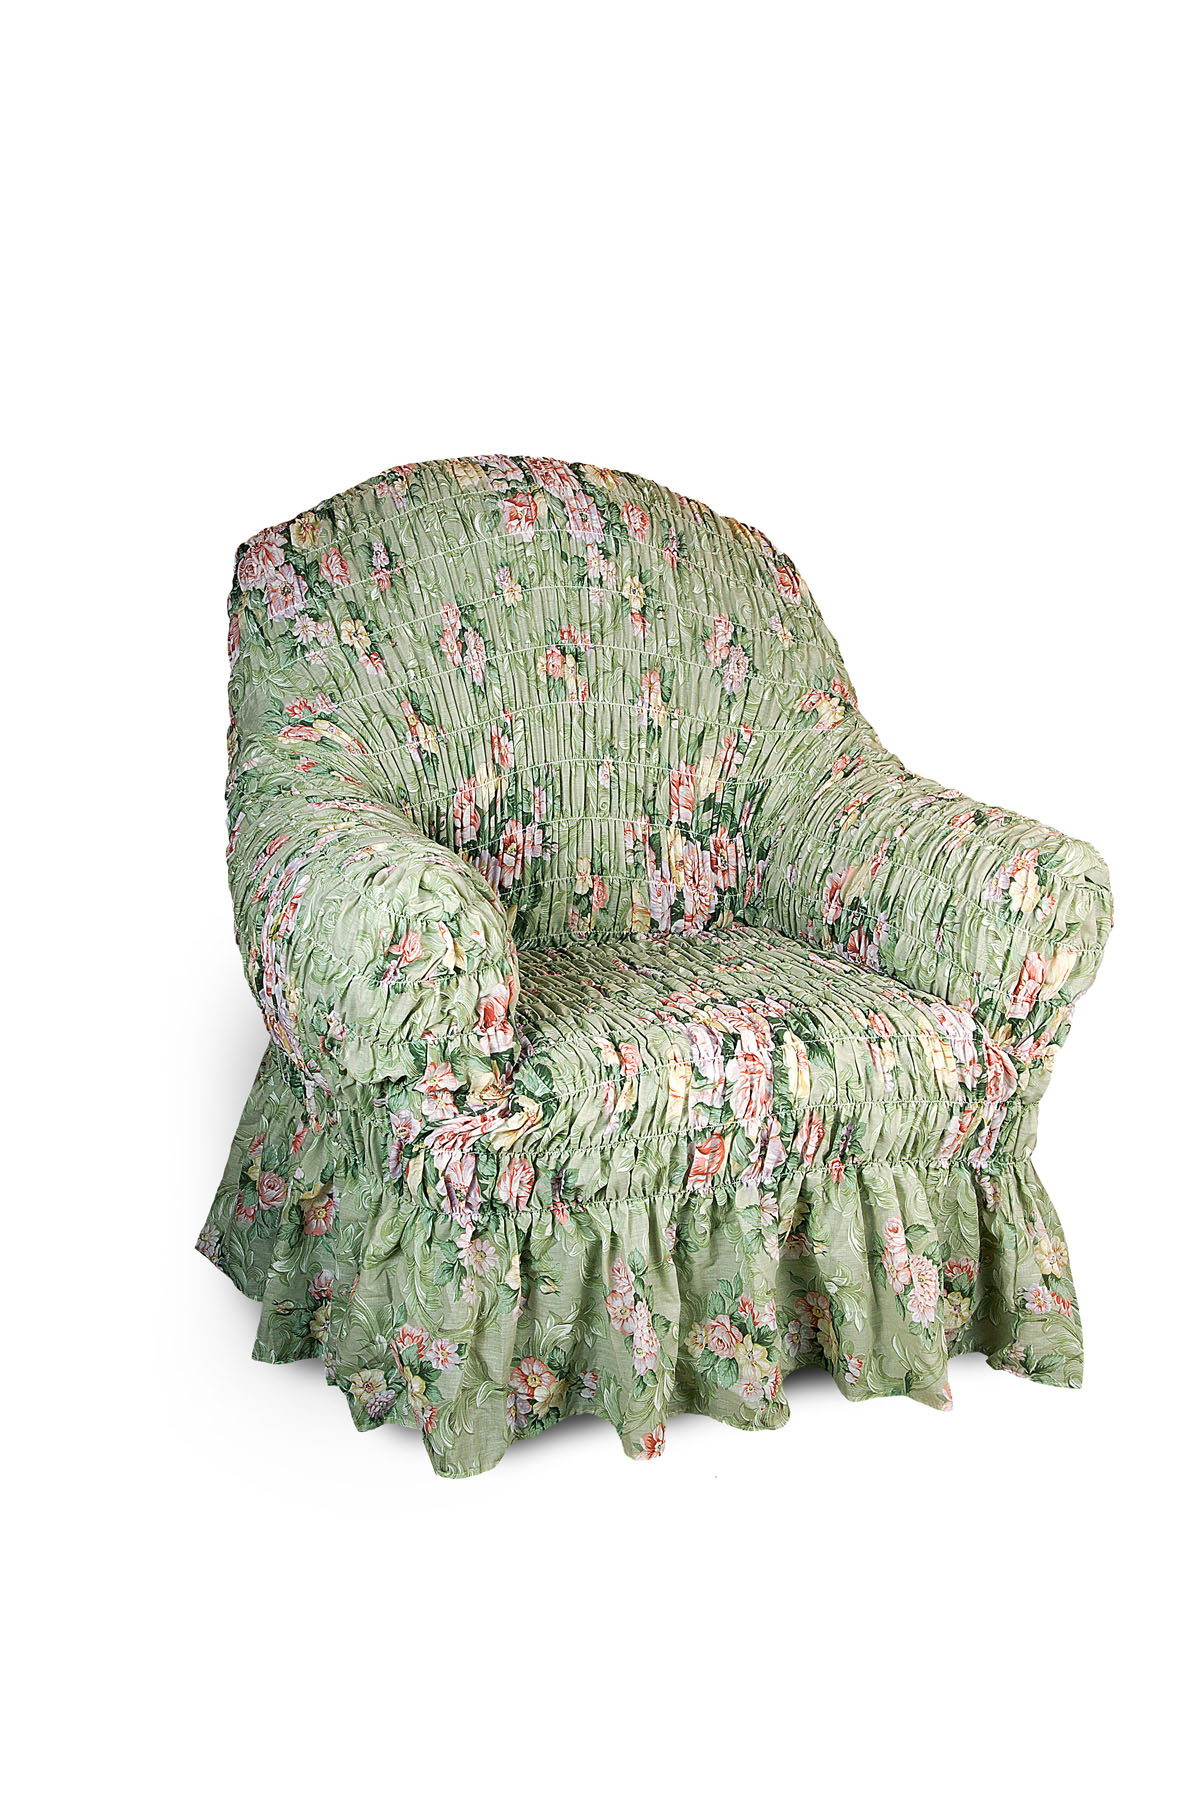 Чехол на кресло Еврочехол Фантазия. Феличита, 60-100 см1/1-1Чехол на кресло Еврочехол Фантазия. Феличита выполнен из 50% хлопка, 50% полиэстера. Он защитит вашу мебель от ежедневных воздействий. Натуральный состав ткани гипоаллергенен, а потому безопасен для малышей или людей пожилого возраста. Чехол в классическом цветовом исполнении - один из самых востребованных. Наличие оборки (юбки) по нижнему краю чехла придает мебели особое очарование, изюминку, привнося в интерьер помещения уют, свежесть, легкость и мягкость. Неважно, в каком стиле выполнена обстановка (это может быть классический интерьер, либо скандинавского стиля, или даже в колониальных мотивах), чехол чудесно дополнит стилистику любого интерьера - от ретро до современности. Гостиная, детская, кухня, прихожая или спальня - с таким чехлом любая комната наполнится нежностью и любовью. Растяжимость чехла по спинке (без учета подлокотников): 60-100 см.